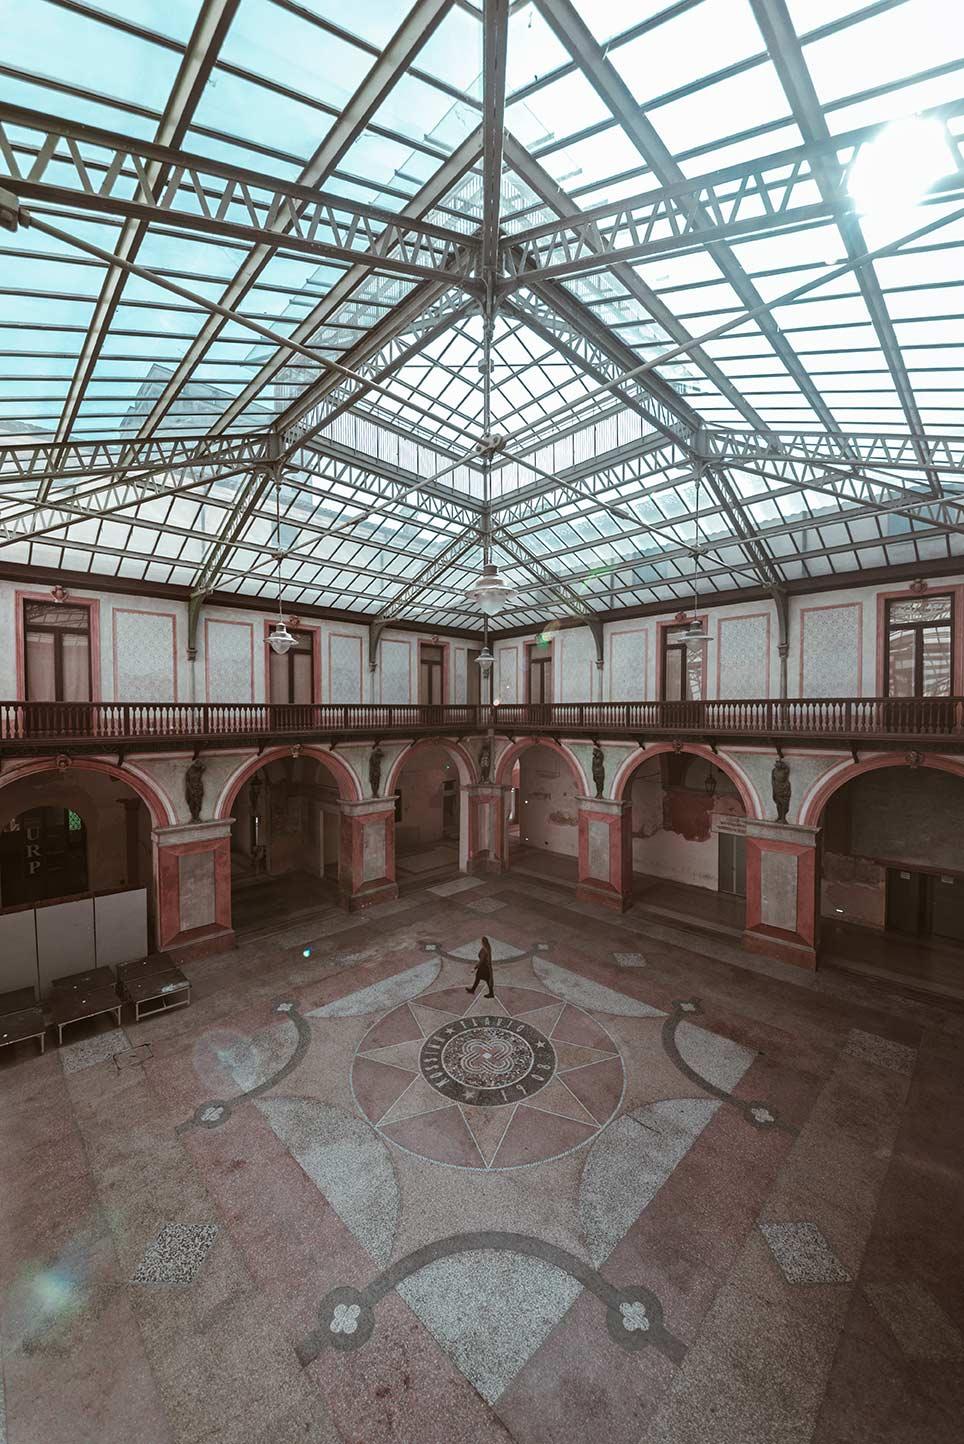 palazzo ducale guastalla reggio emilia